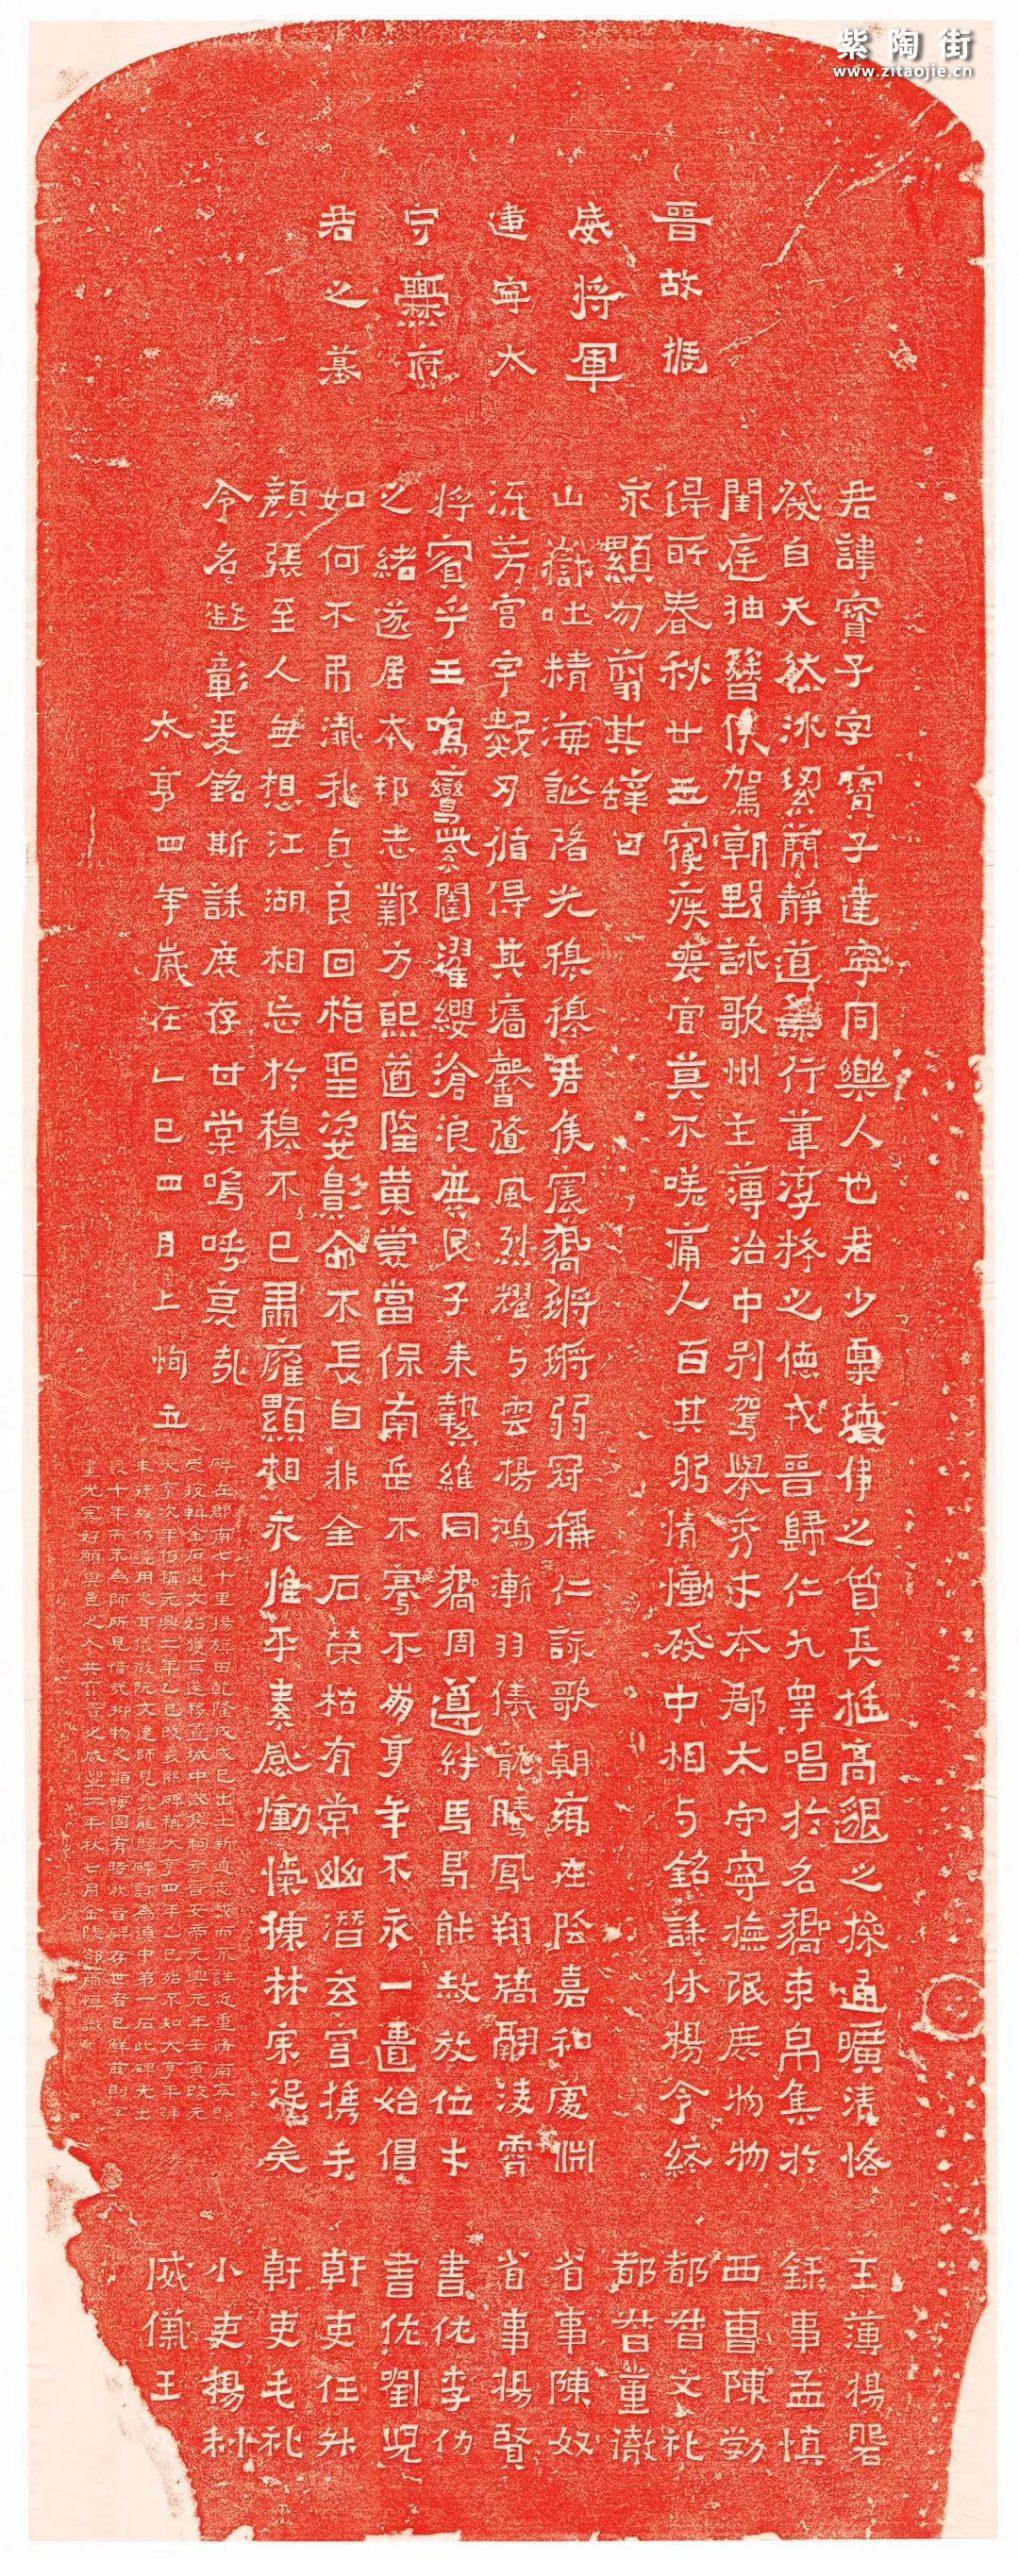 爨宝子碑-尹祖荫紫陶装饰欣赏-紫陶街